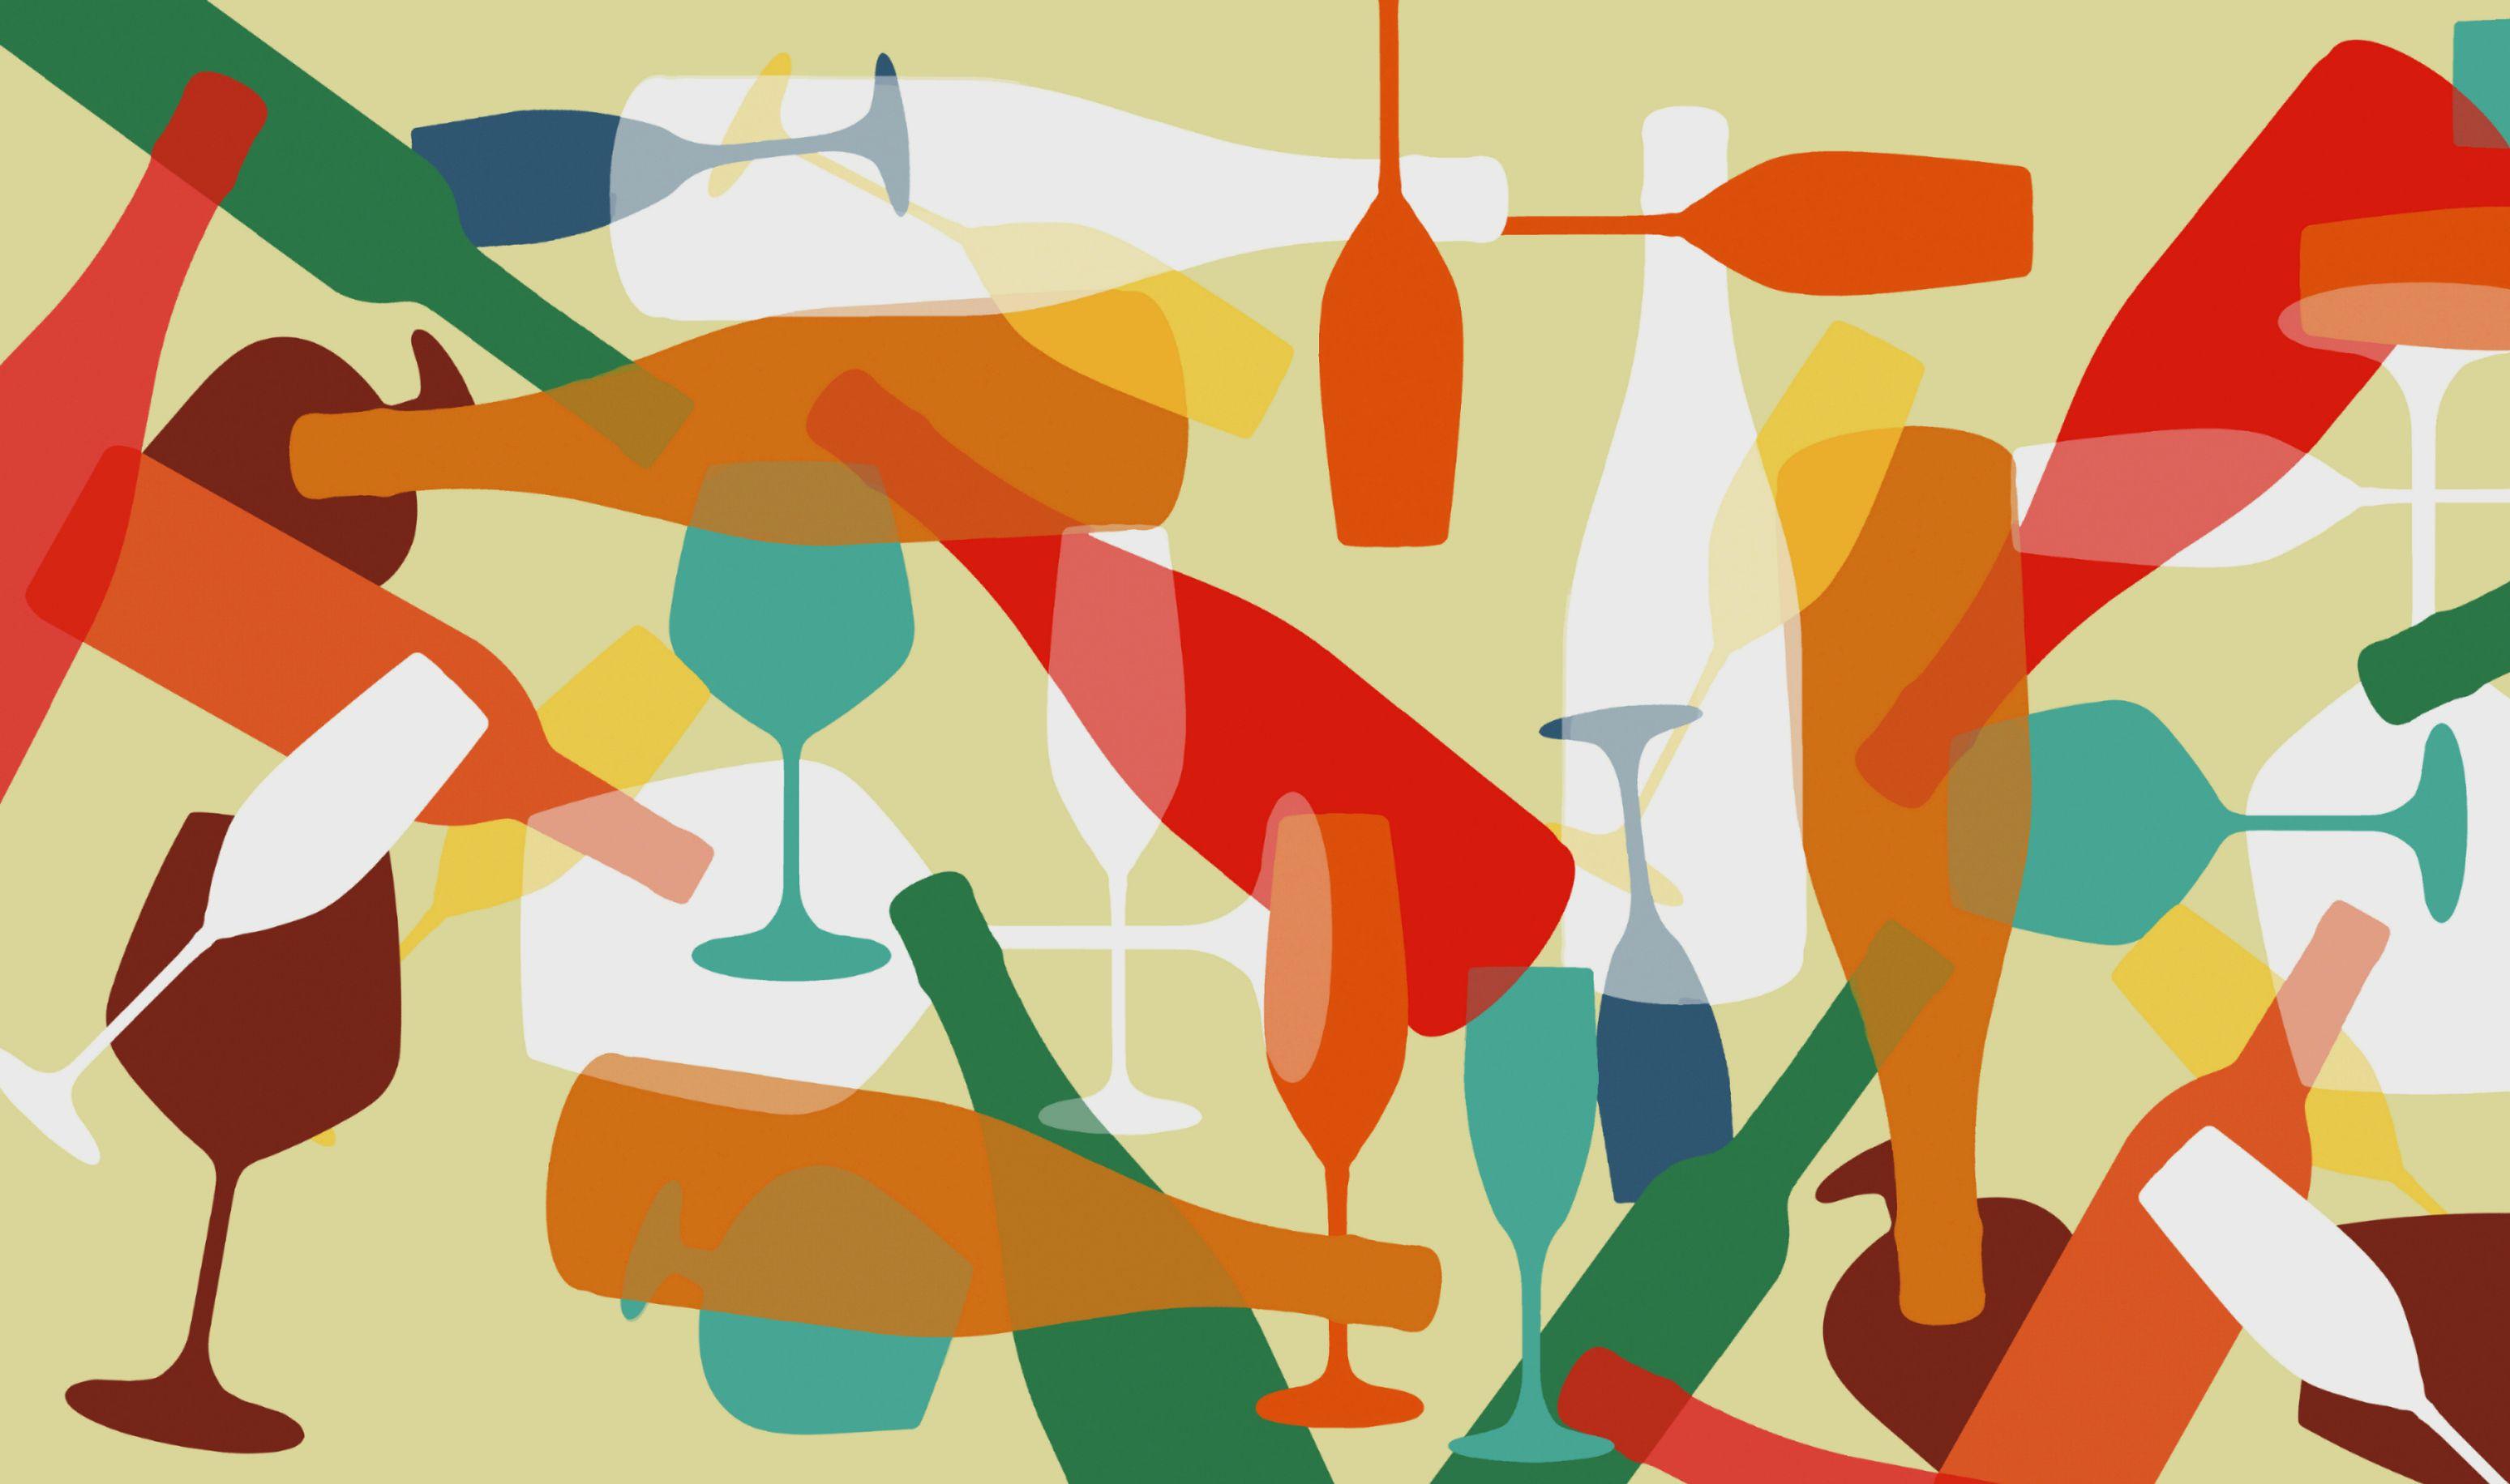 Weinboutique frau hauptmann